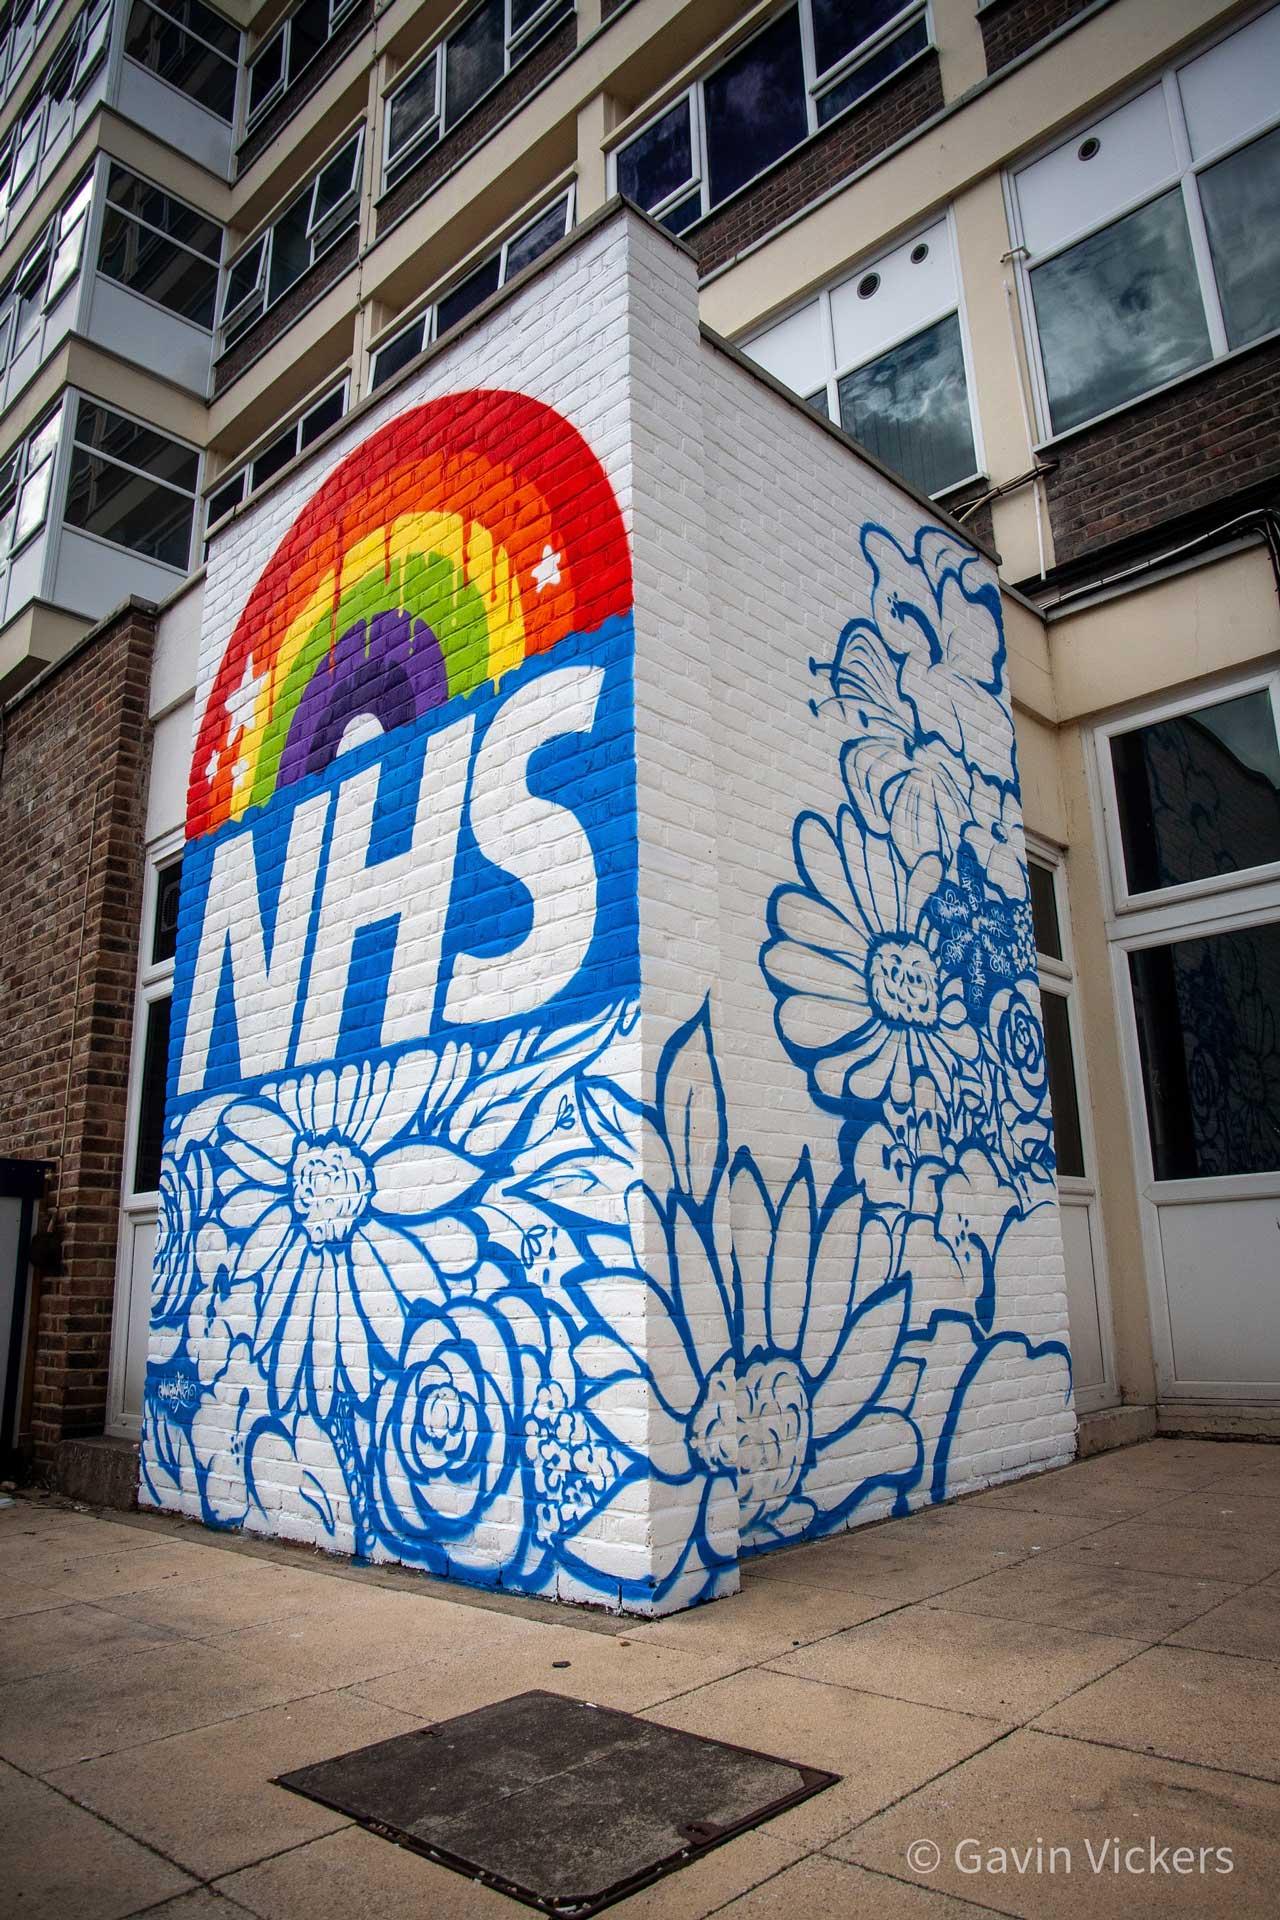 002-hospital-wall-mural-rainbow